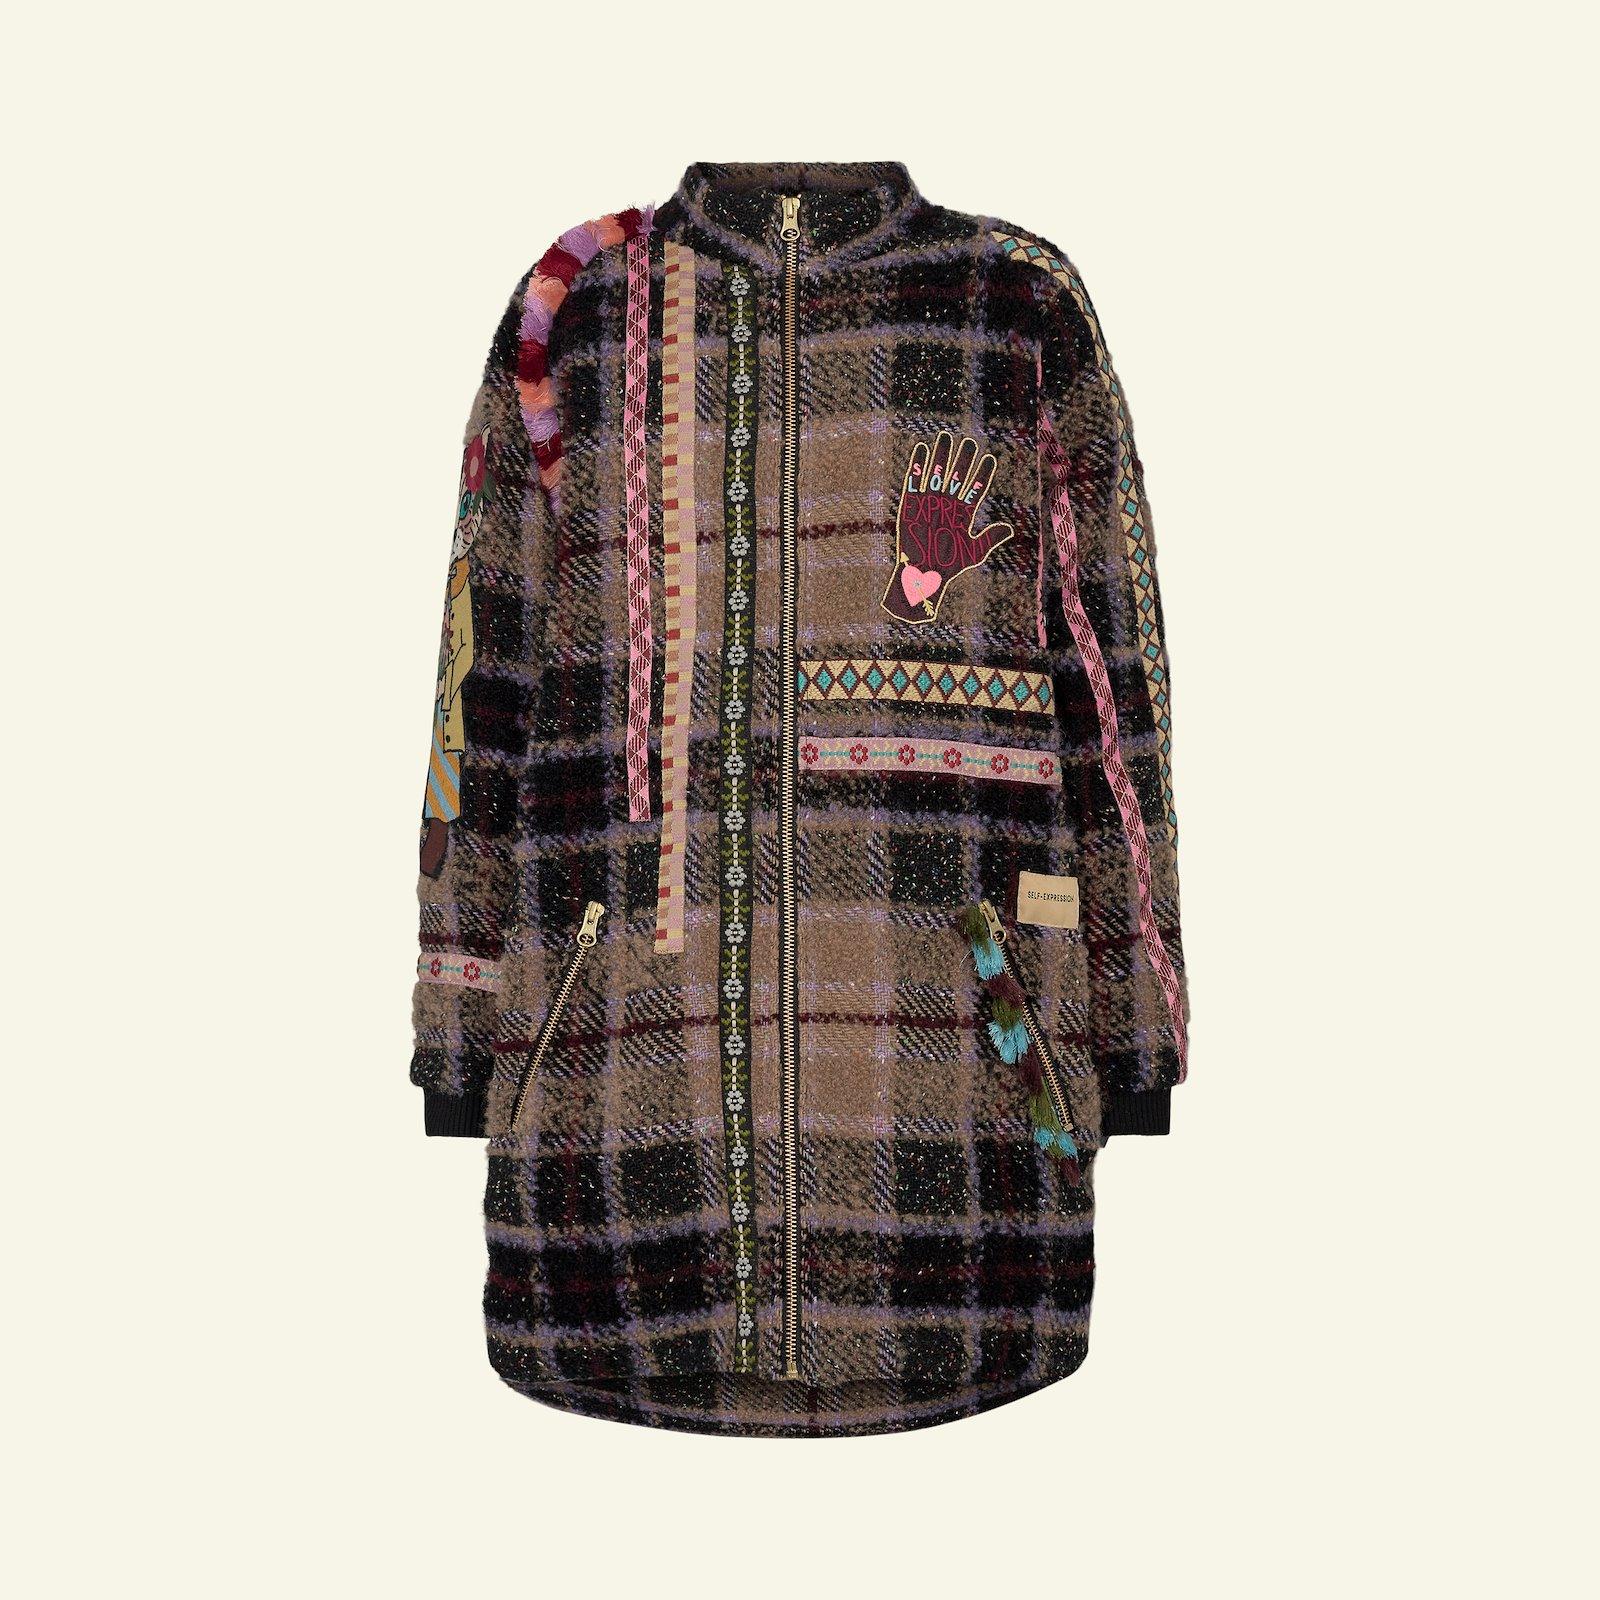 Jacket with raglan sleeves, 134/9y p64019_300228_3243_22399_22409_22410_22364_22411_22402_22360_22362_24842_24839_sskit